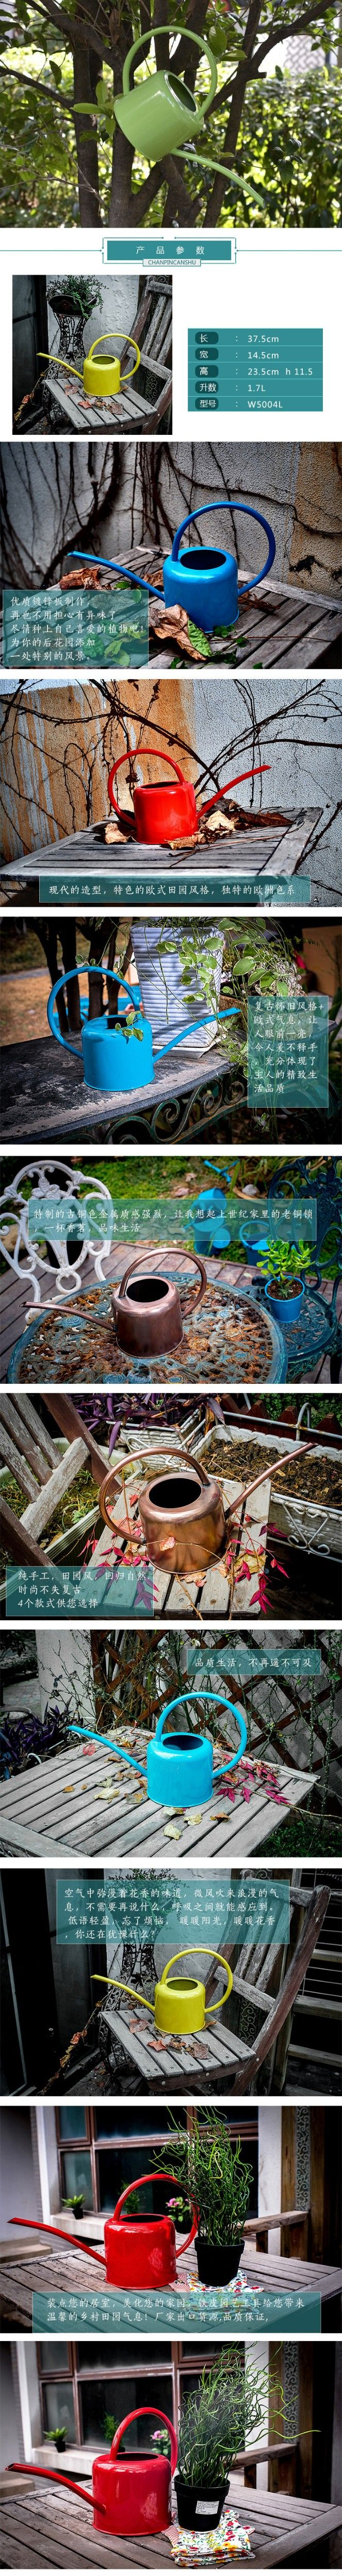 Oltre 1000 idee su Decorazione Da Giardino su Pinterest ...